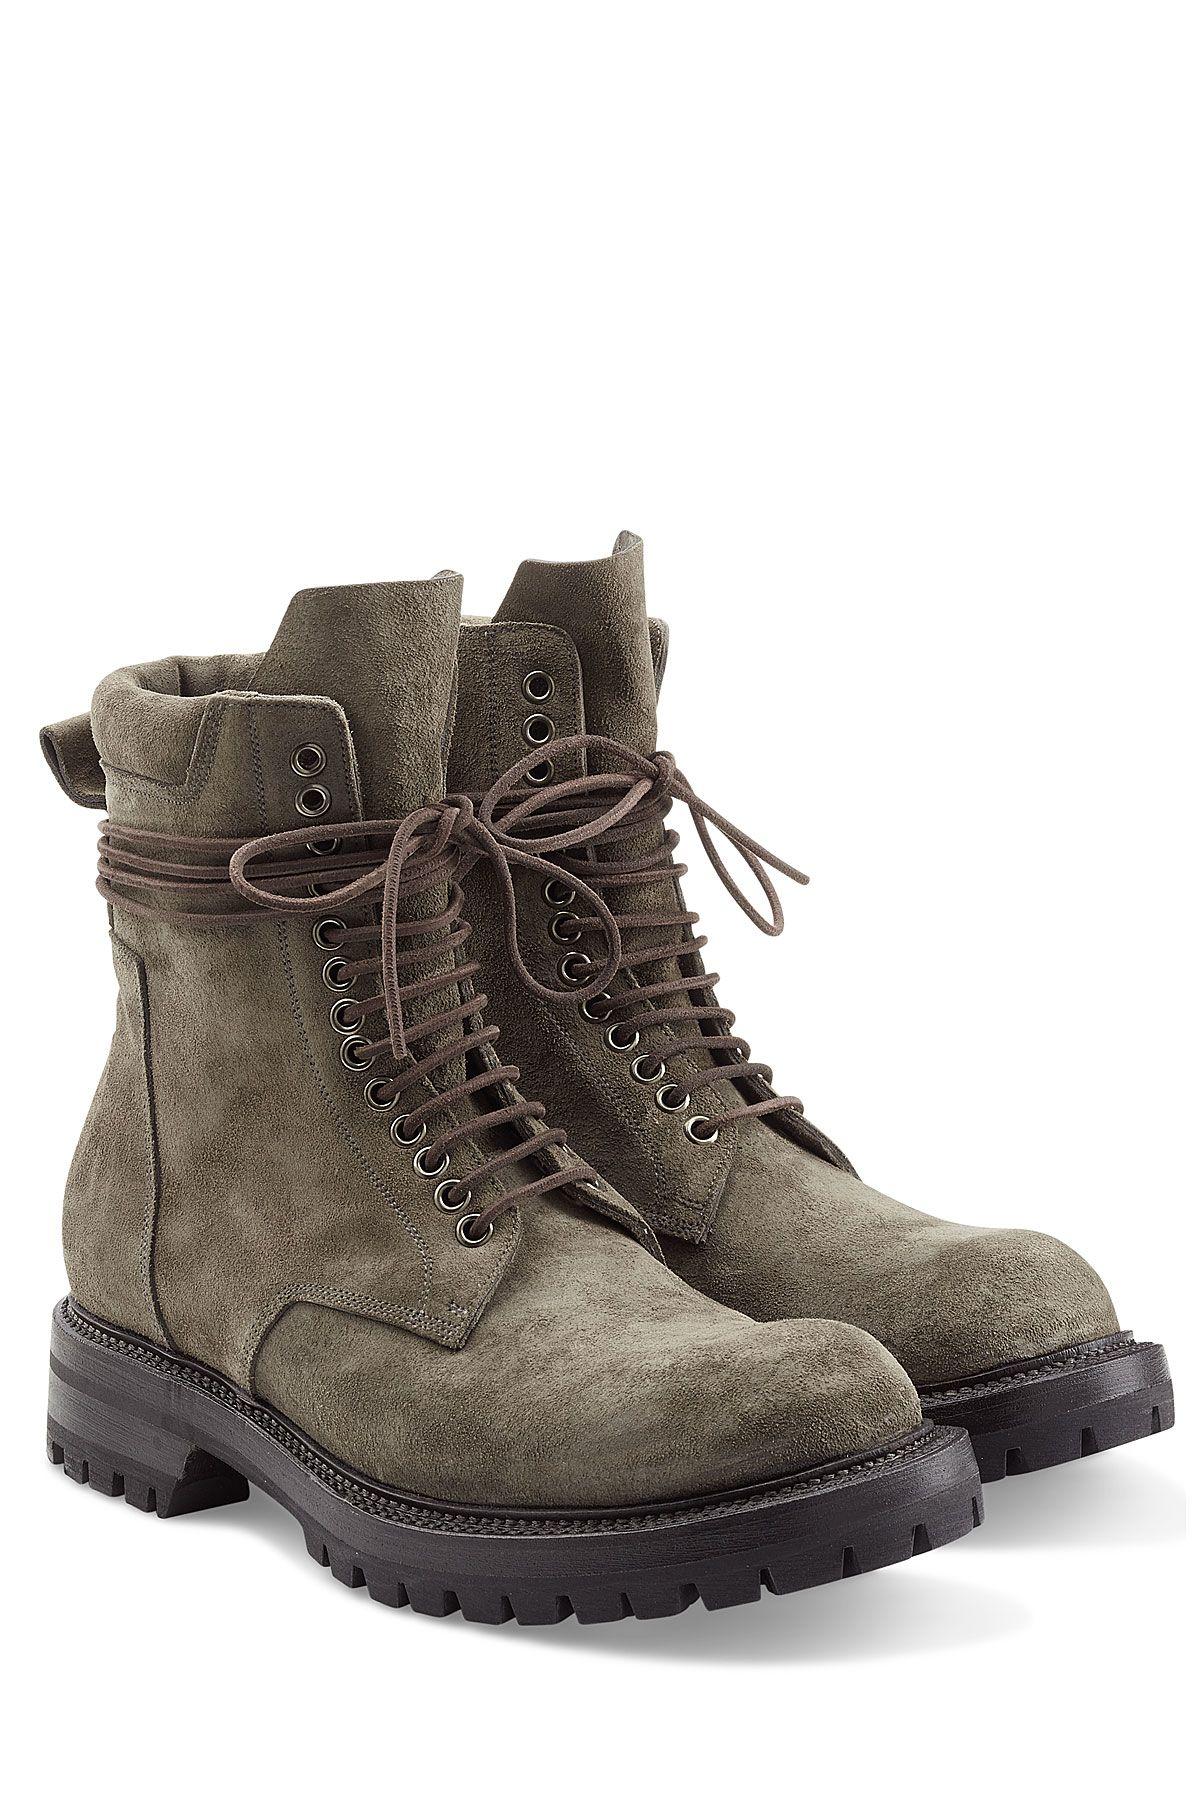 Botas de avestruz color gris ropa bolsas y calzado en mercadolibre - Zapatillas Calzado Masculino